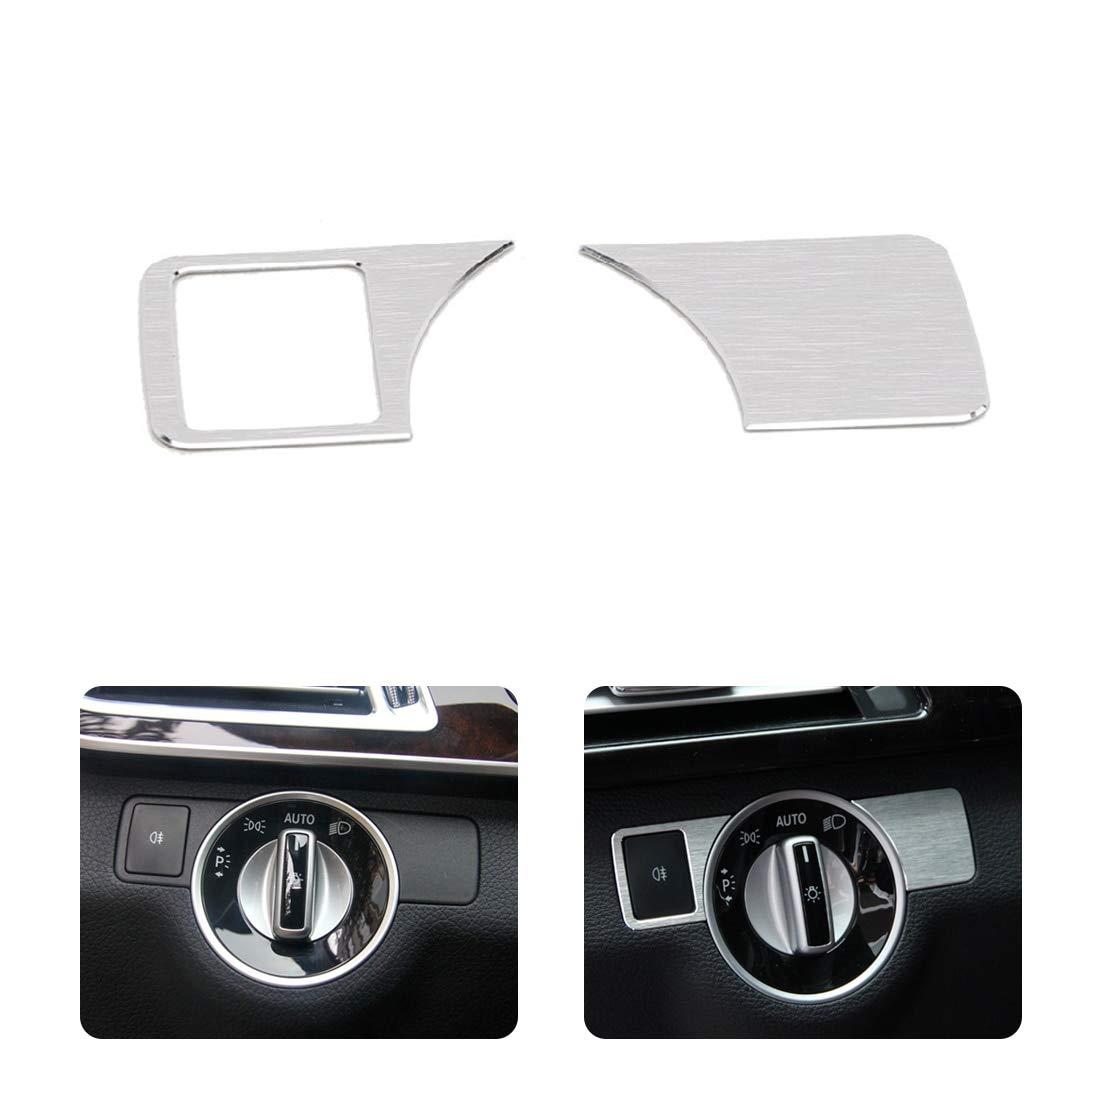 Brushed Aluminium Headlight Switch Frame Trim for BENZ W212 W218 W166 2012-2015